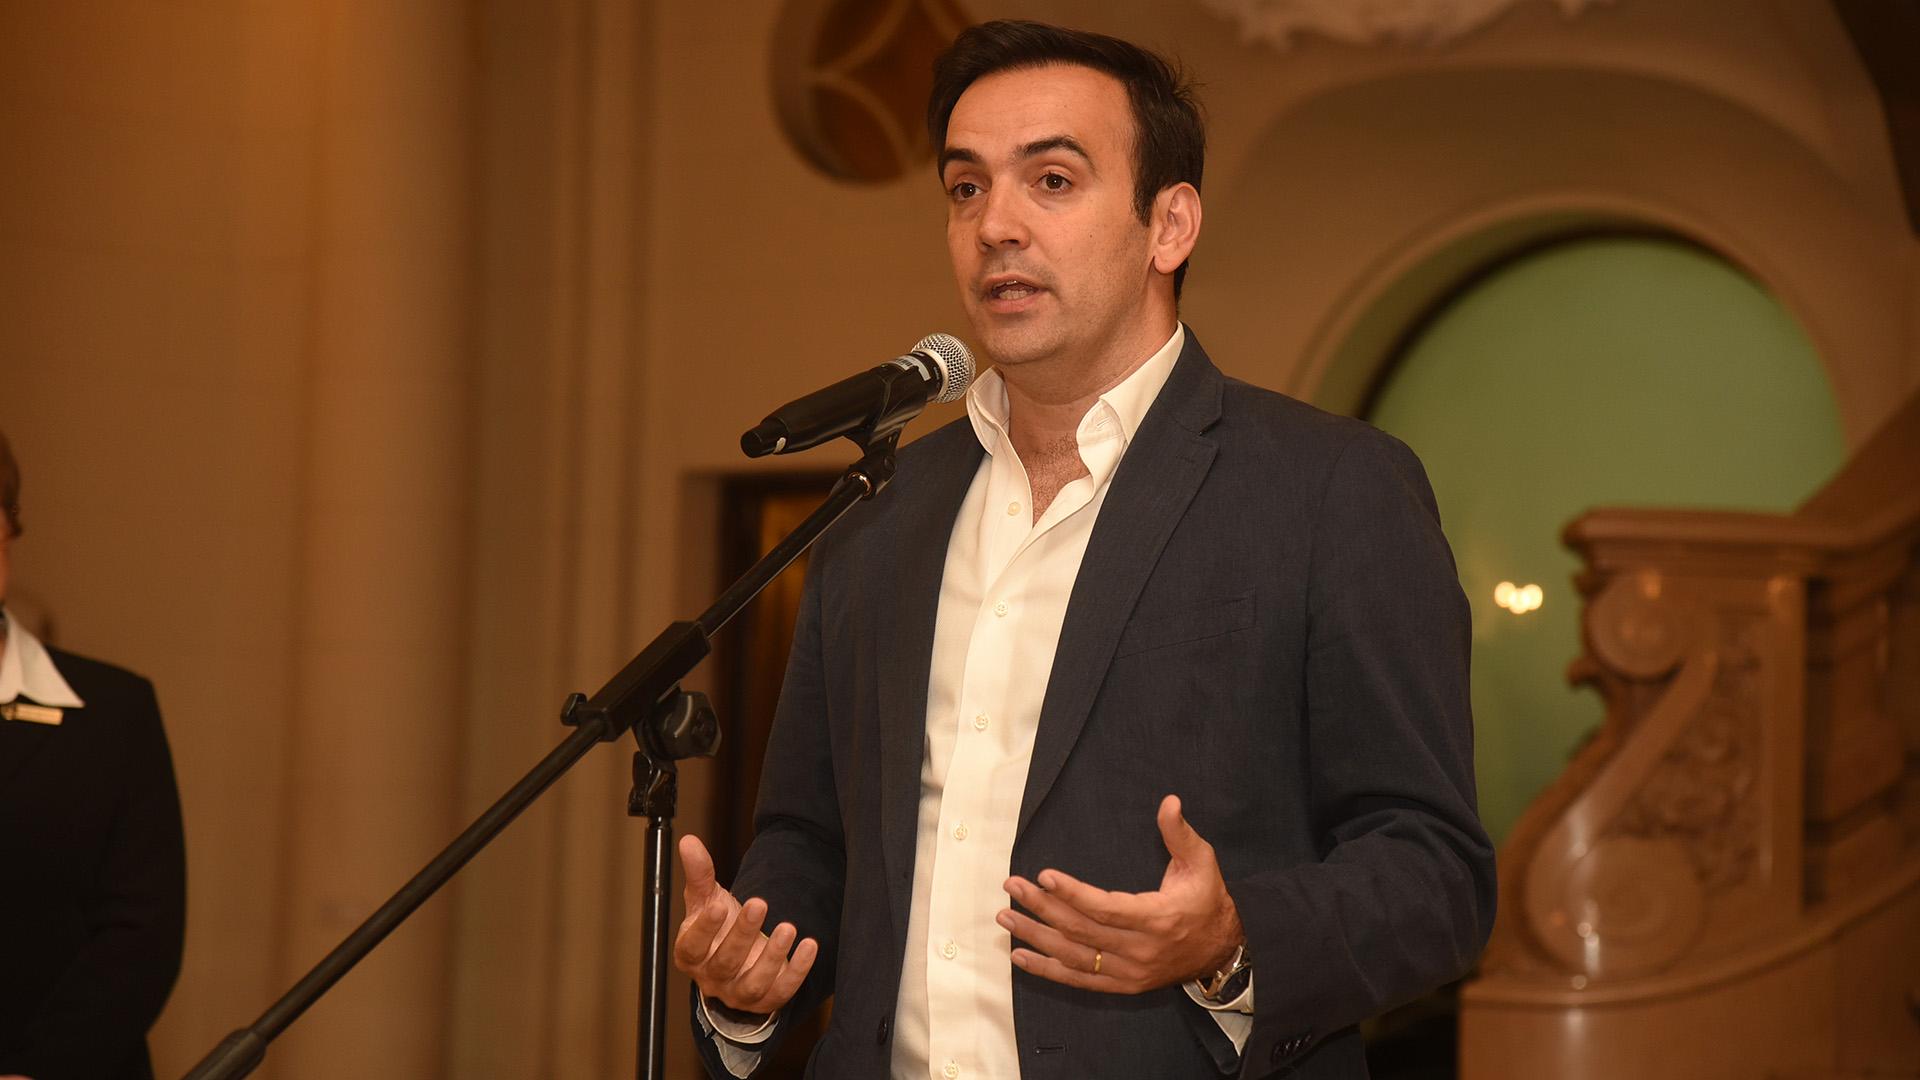 El diputado Francisco Quintana, vicepresidente de la Legislatura porteña, presidió la ceremonia de inauguración de la muestra BAxA Buenos Acciones x Argentinos, que cuenta con un importante compromiso social